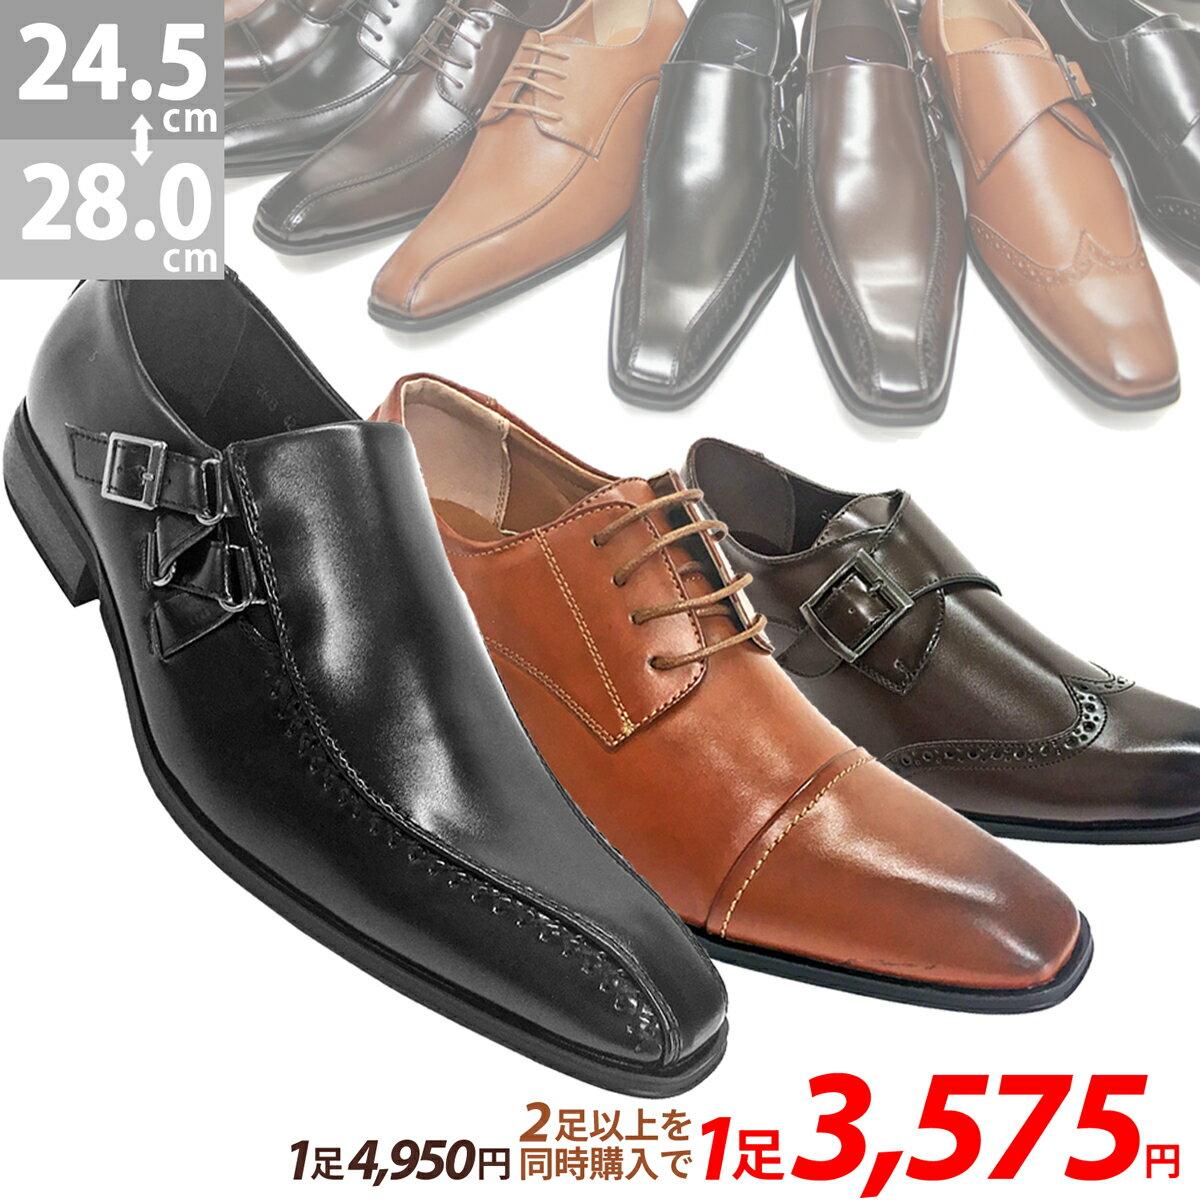 [ポイント2倍&送料無料][AAA+サンエープラス]ビジネスシューズ 選べる2足セット 2…...:zealmarket:10004009